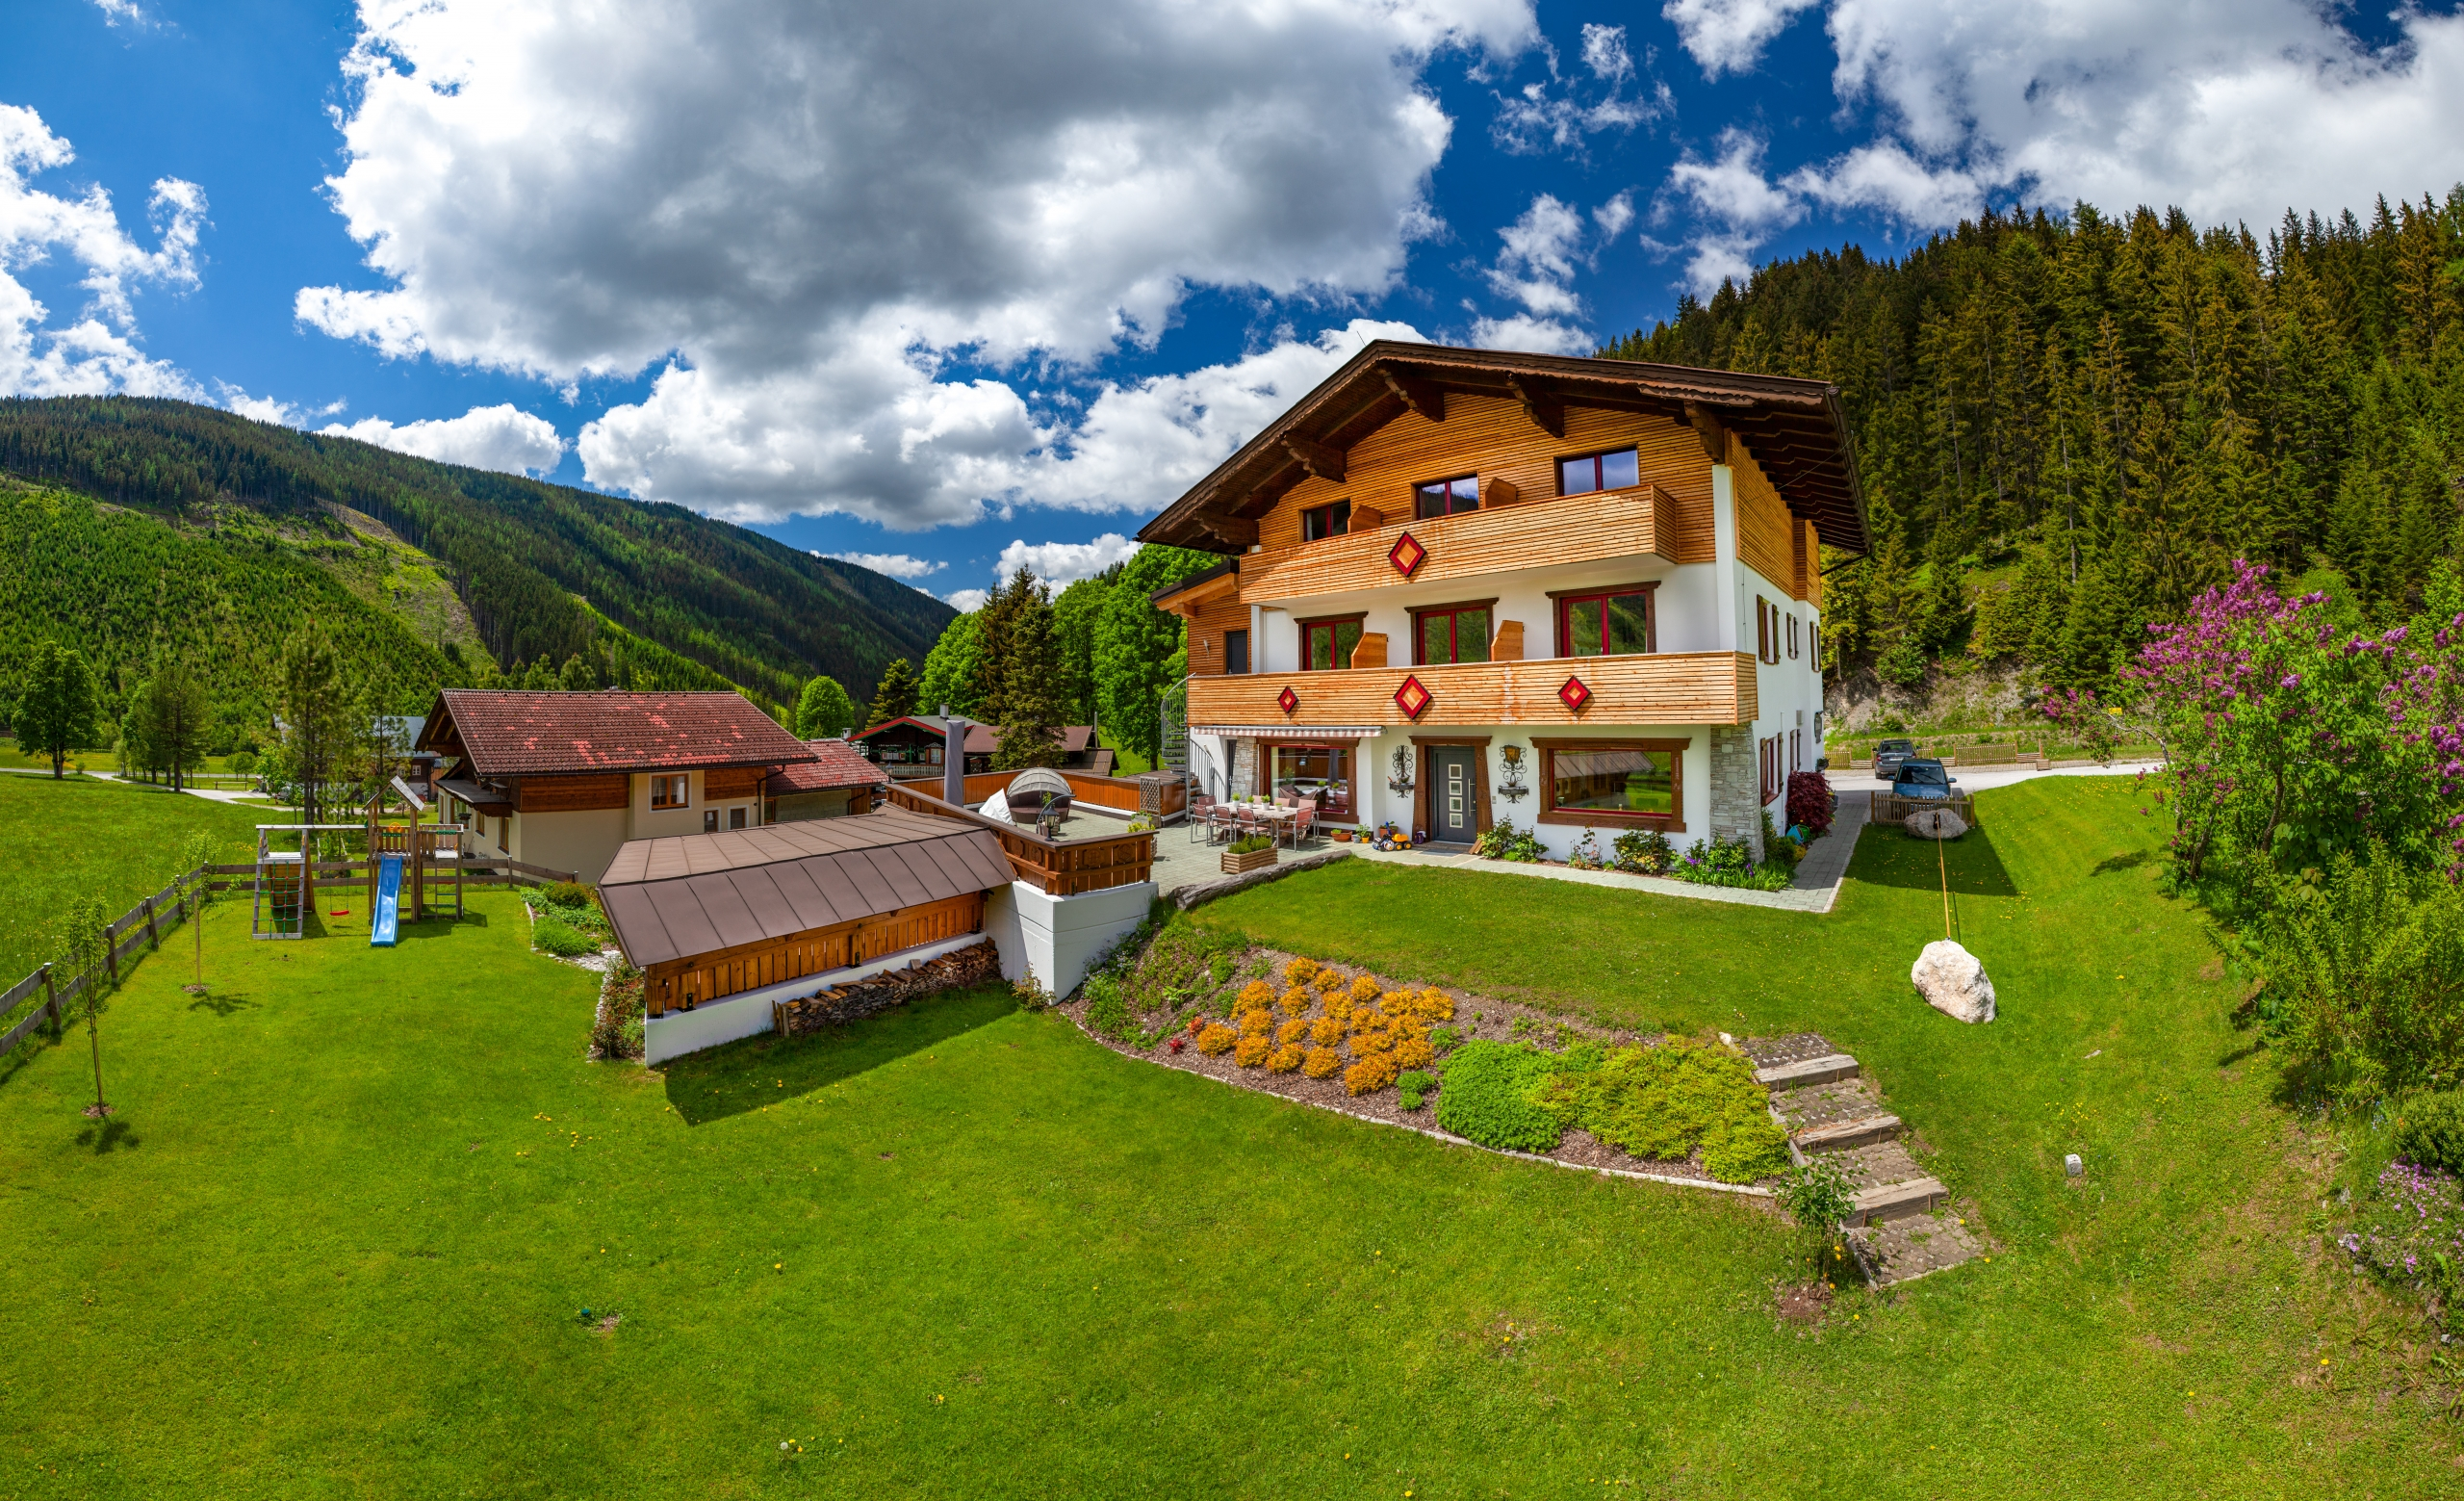 Apartment/Ferienwohnung Montanara in Ramsau am Dachstein